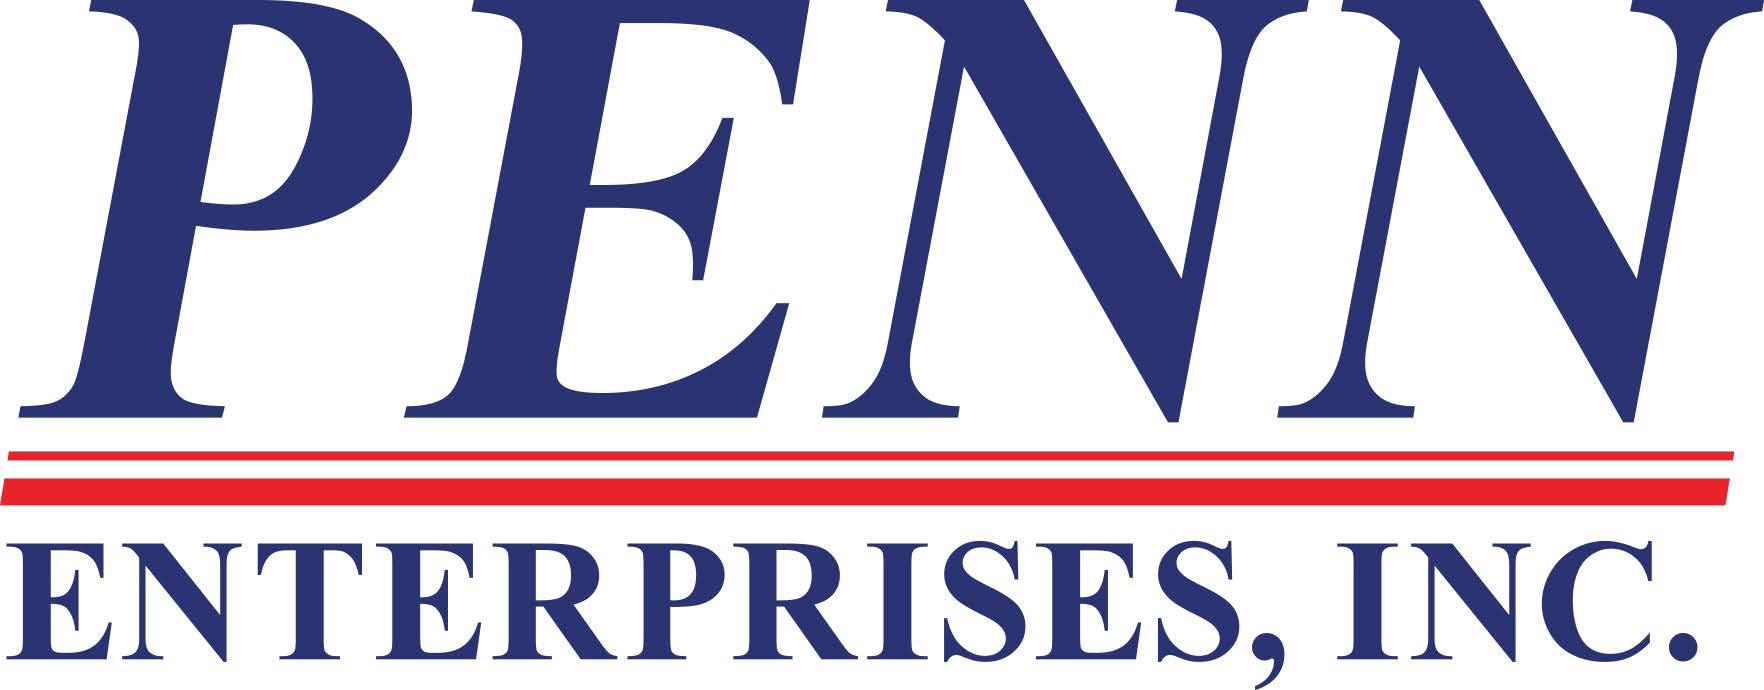 Penn Enterprises, Inc logo